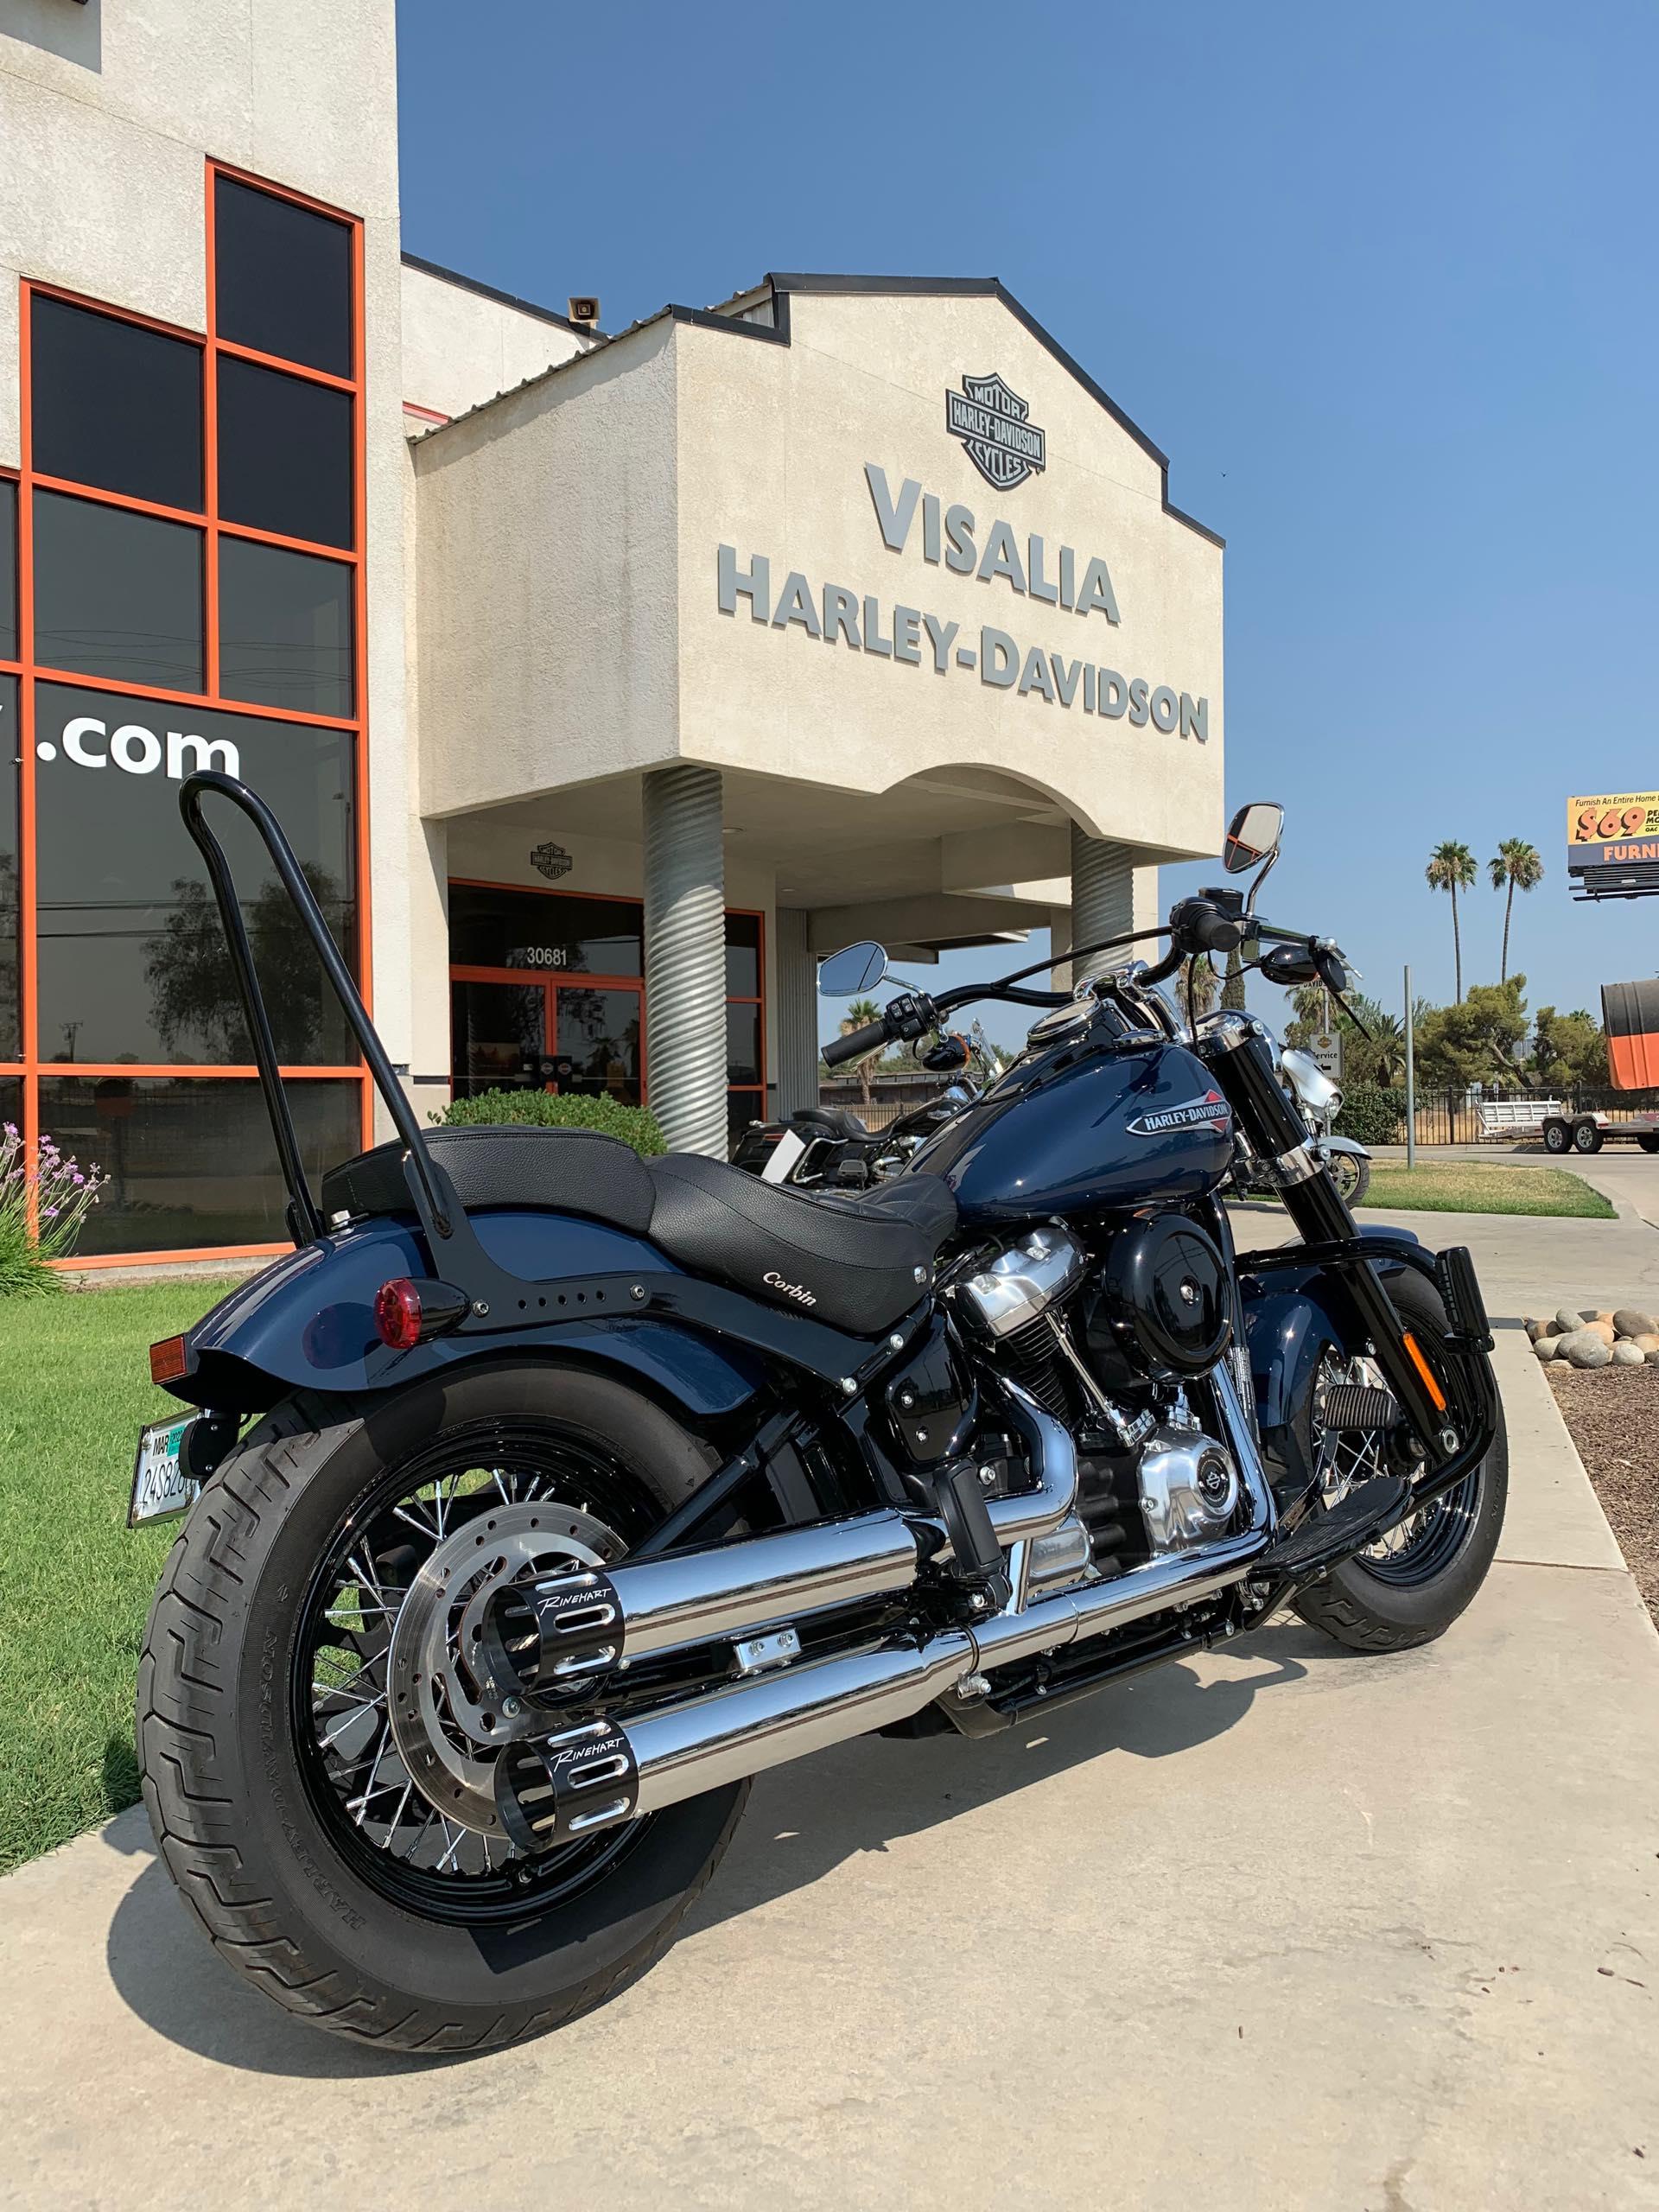 2019 Harley-Davidson Softail Slim at Visalia Harley-Davidson